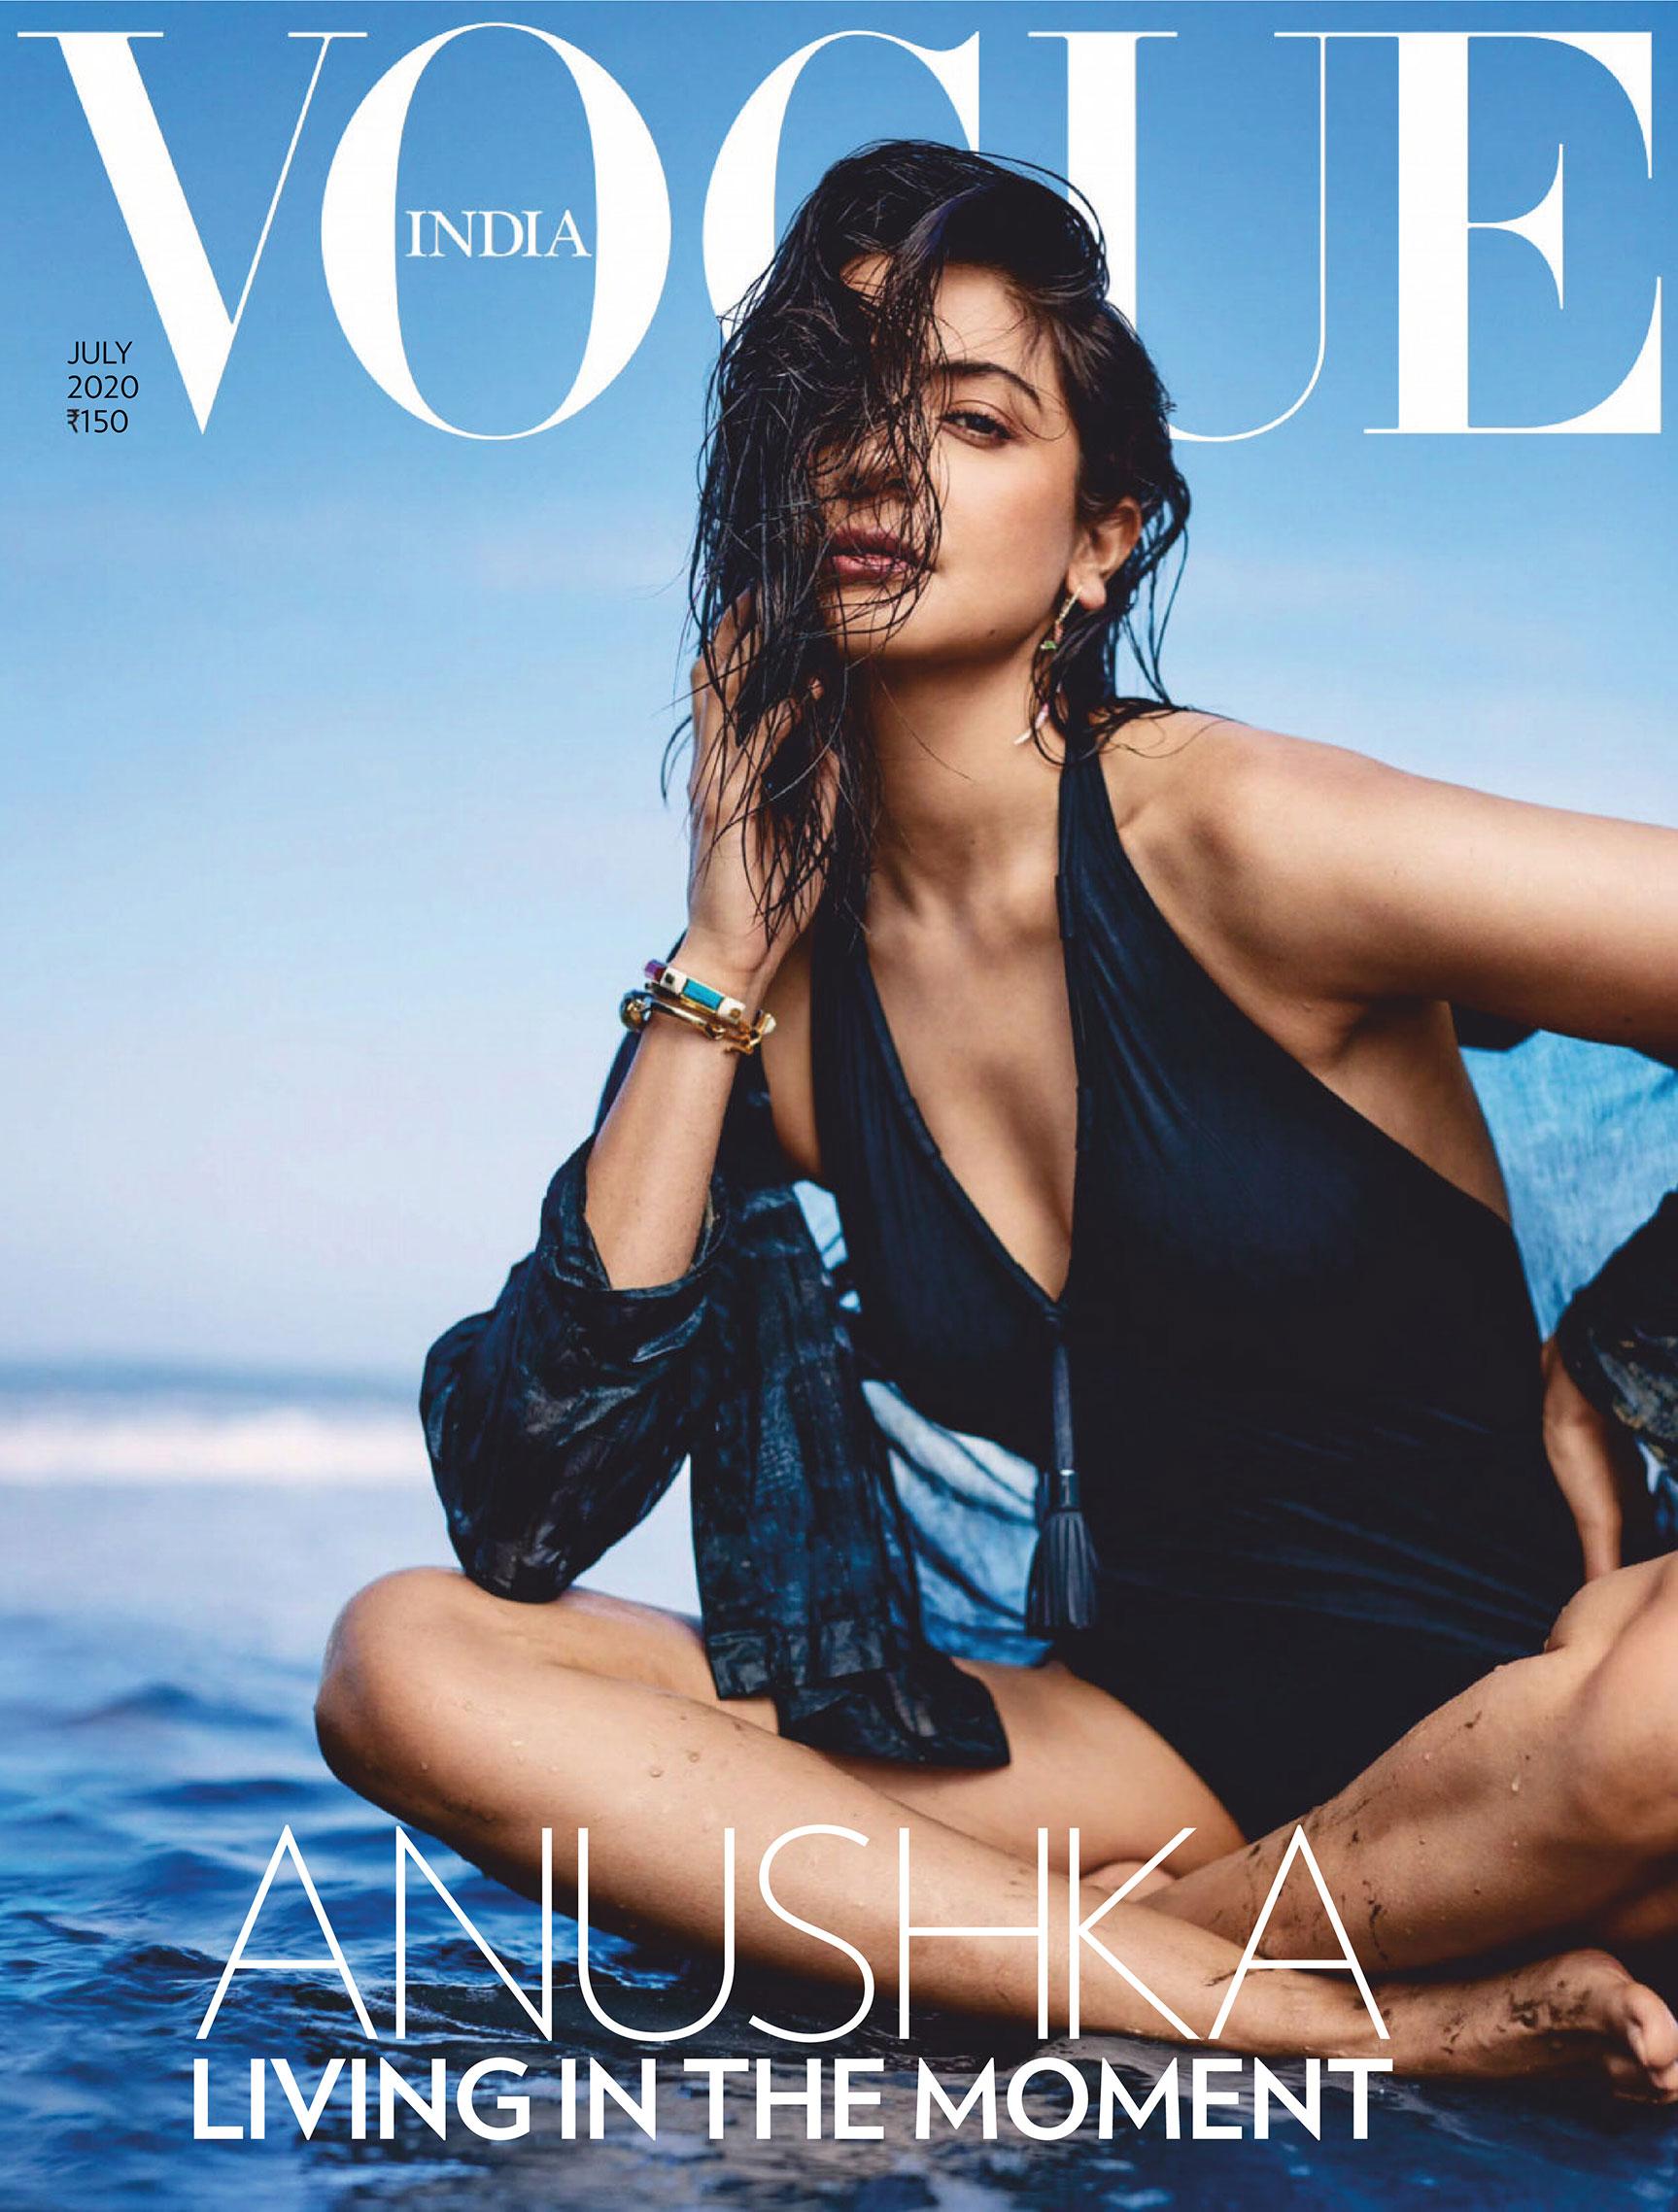 Анушка Шарма в новинках модных брендов на побережье Гоа / фото 11